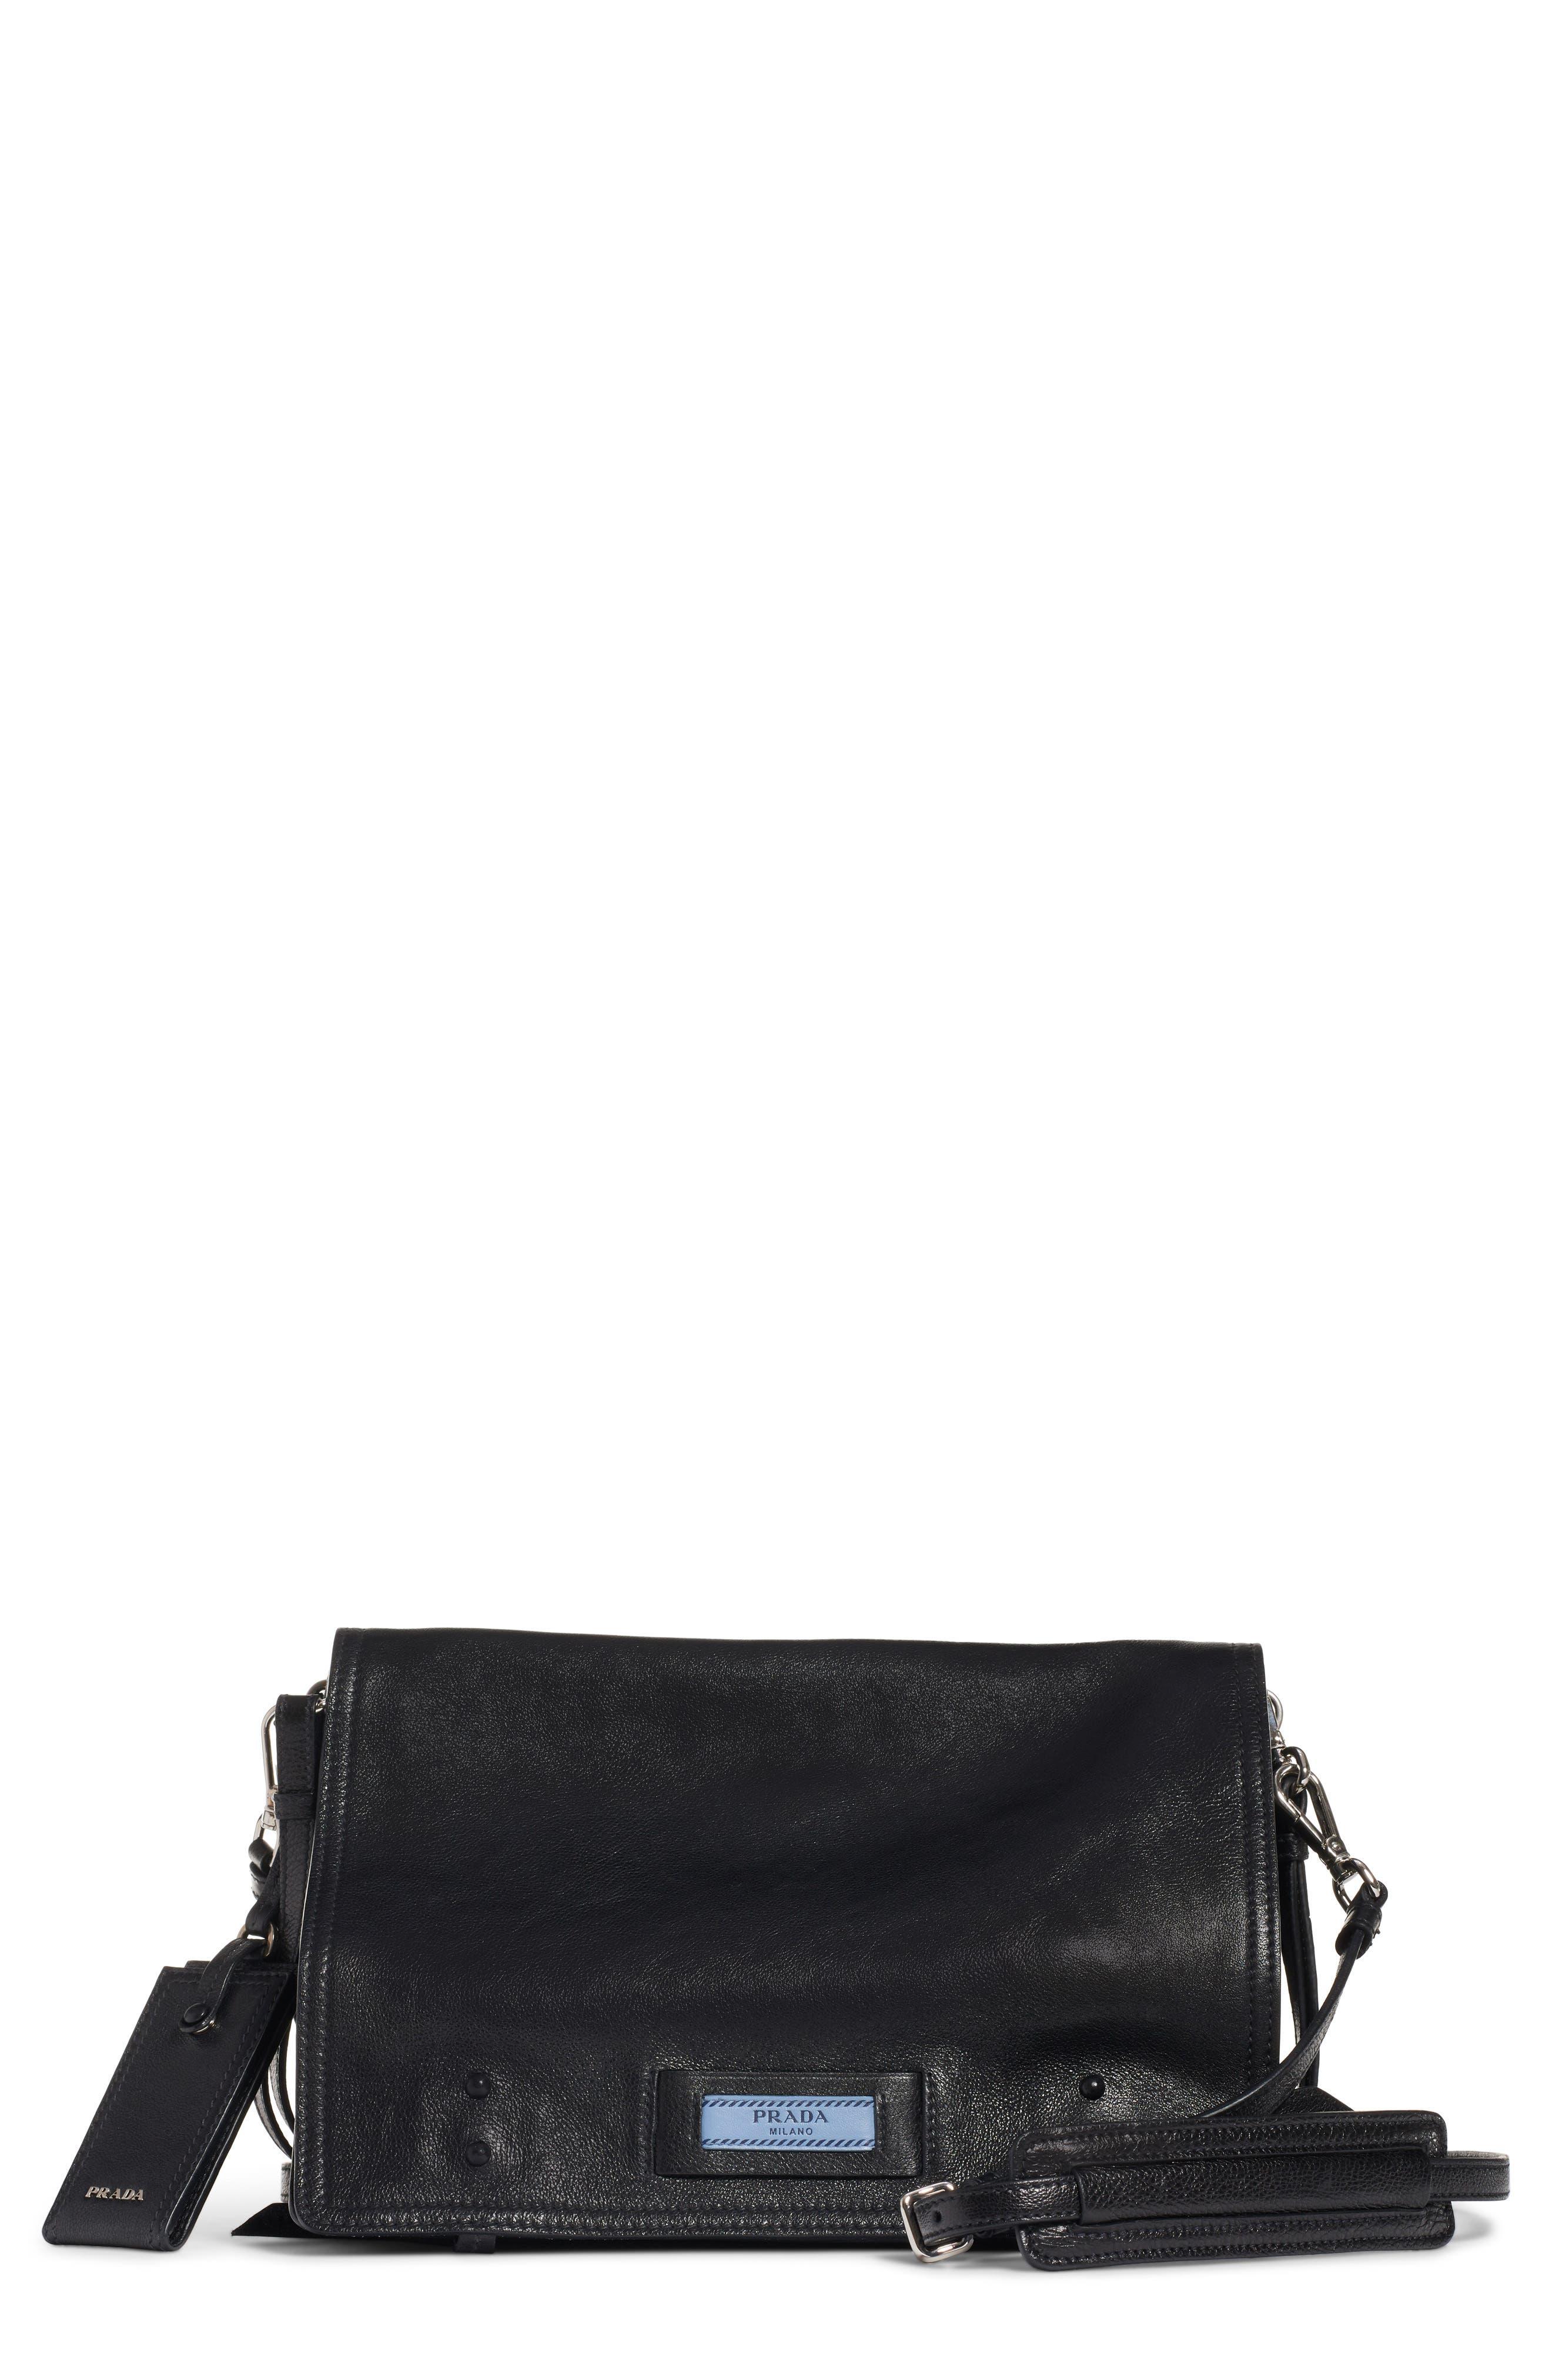 PRADA Medium Etiquette Shoulder Bag, Main, color, NERO/ ASTRALE